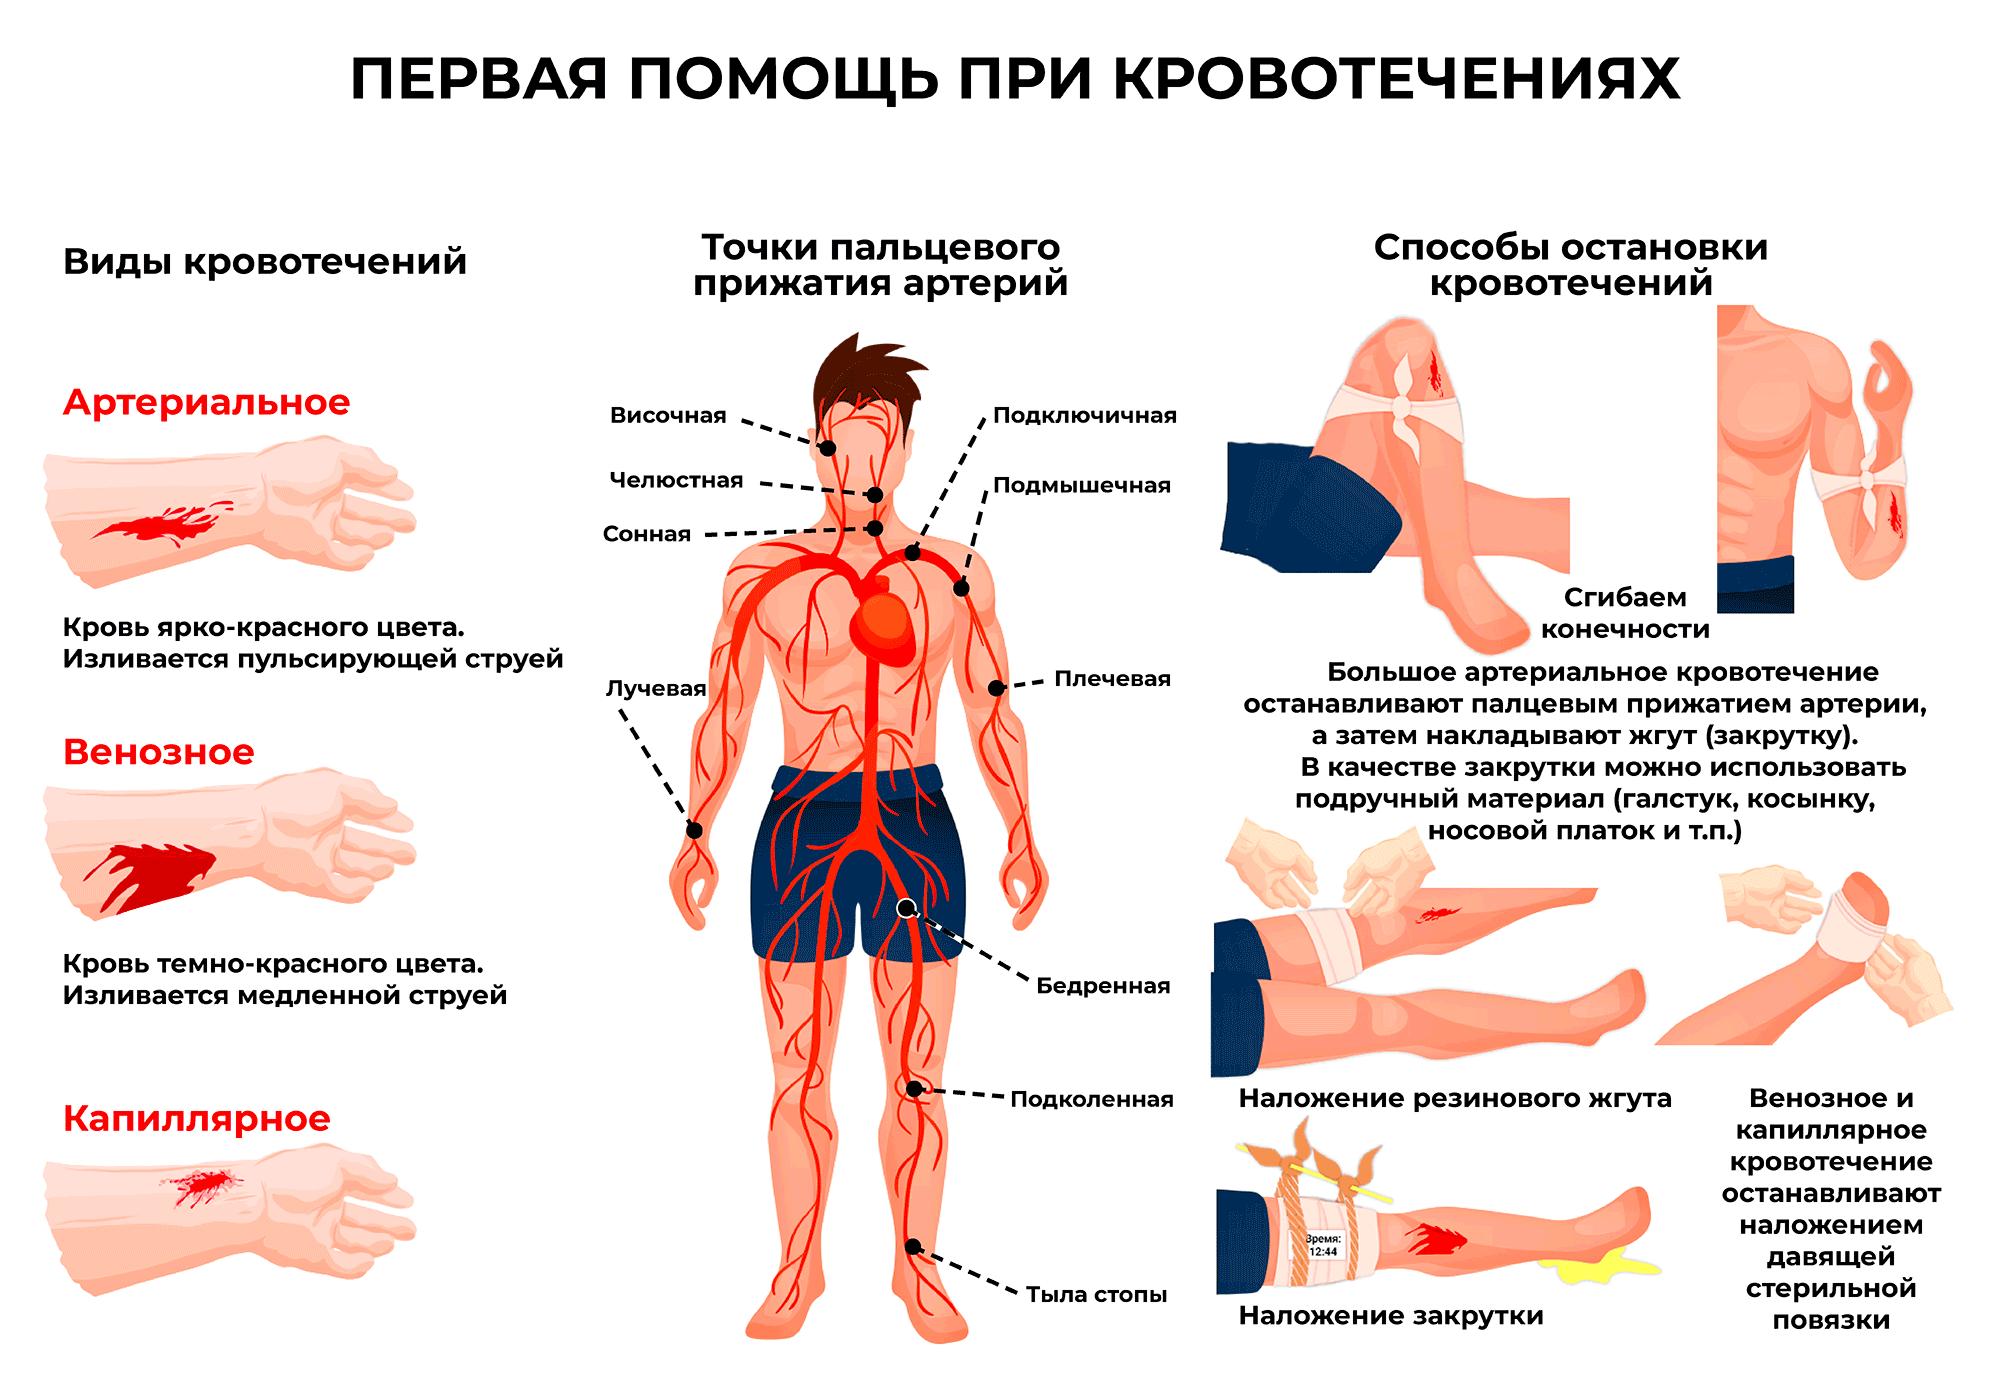 кровотечение первая помощь